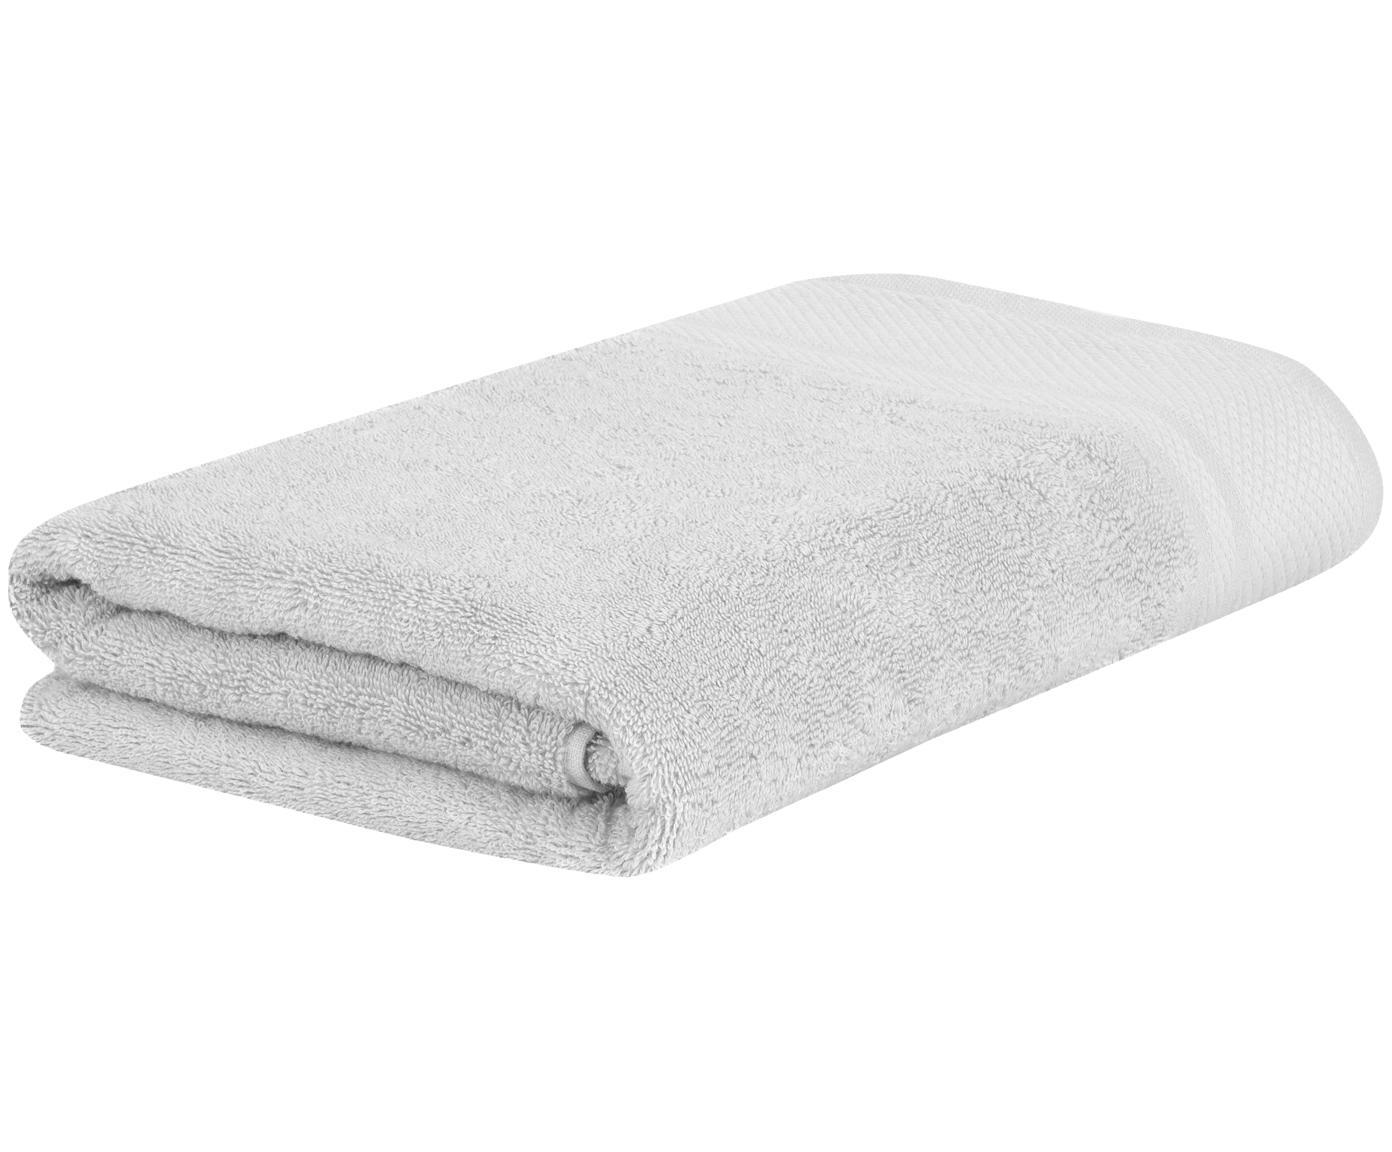 Handtuch Premium mit klassischer Zierbordüre, Hellgrau, XS Gästehandtuch